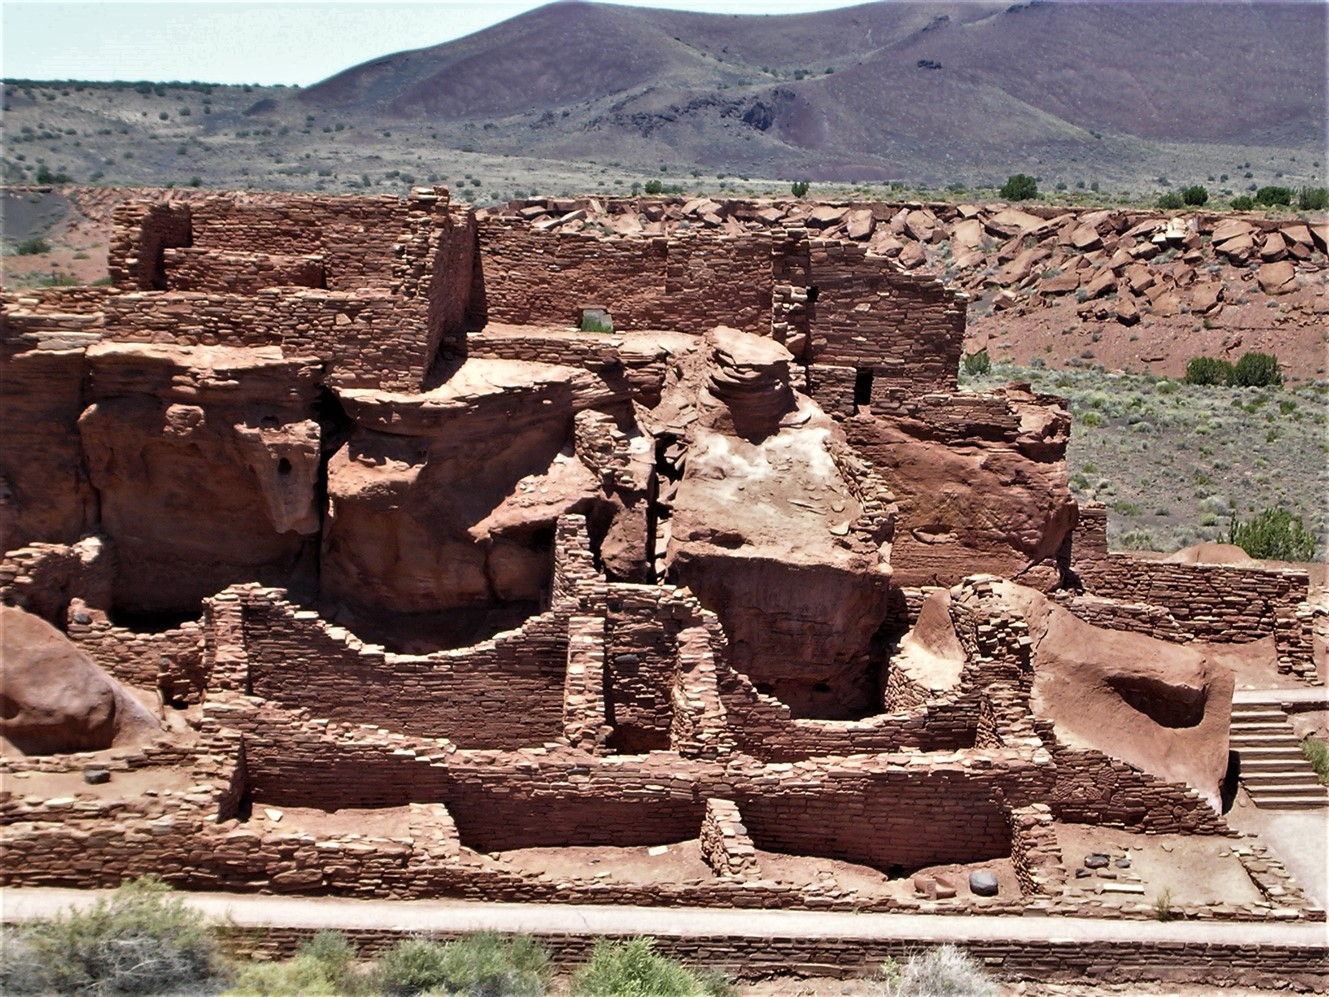 2005 06 26 Wupataki Ruins Arizona 1.jpg